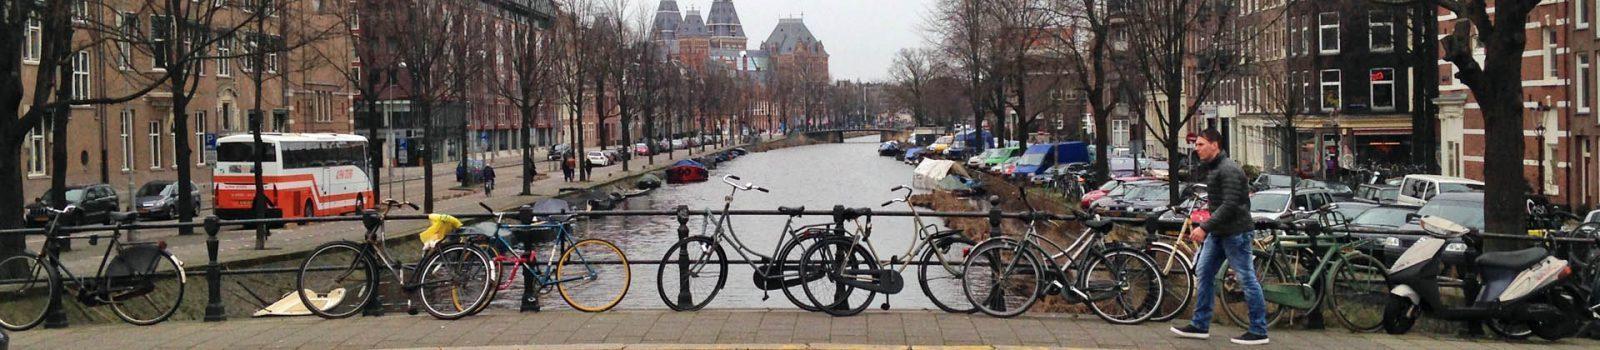 Brugleuning met fietsen 1920x420